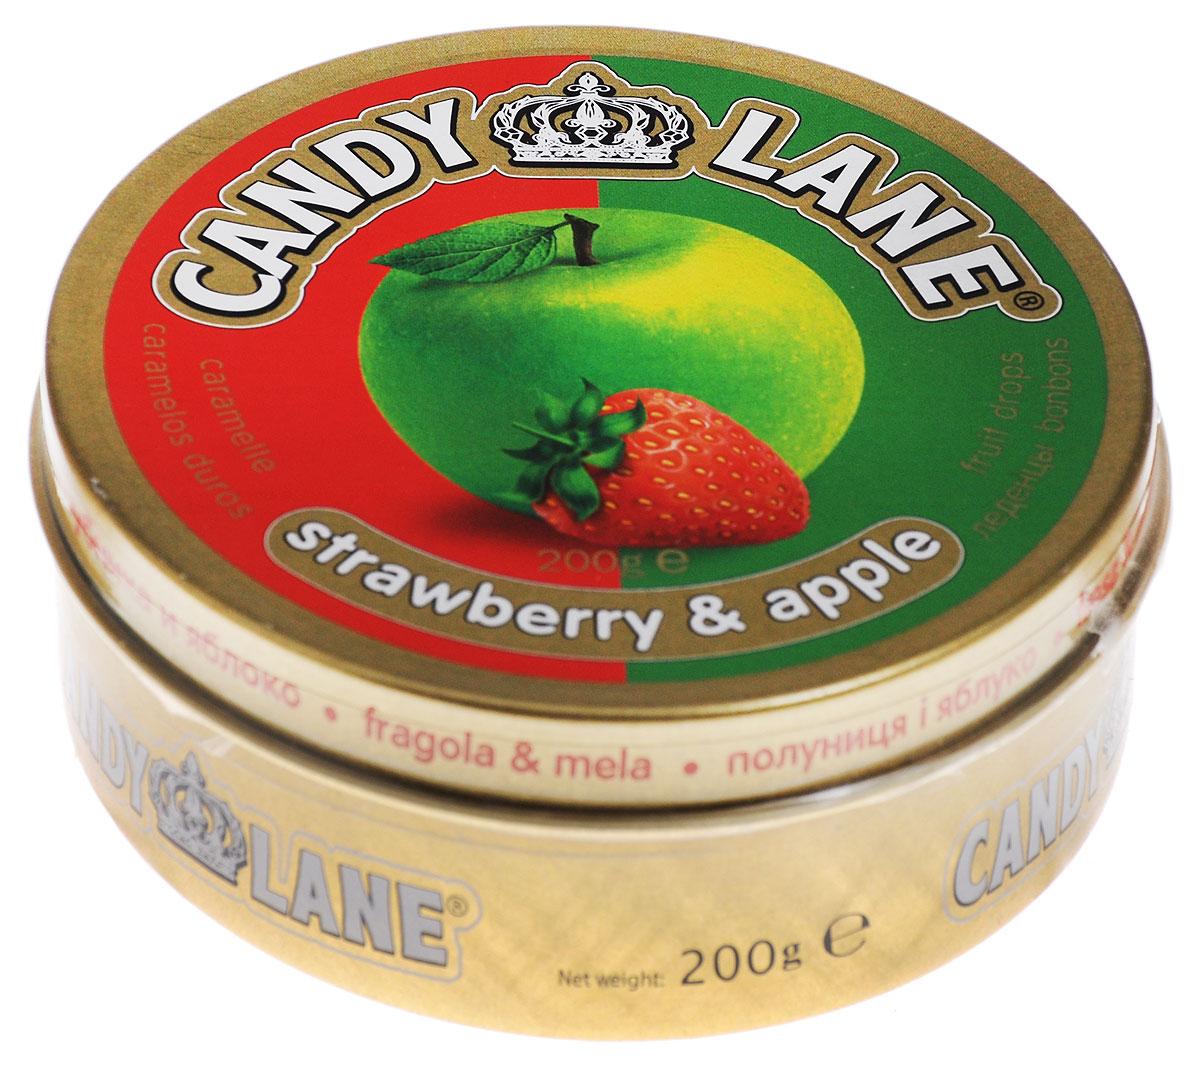 Сладкая Сказка Candy Lane Клубника и яблоко фруктовые леденцы, 200 г сhokocat пилюли от лени леденцы для рассасывания 18 г